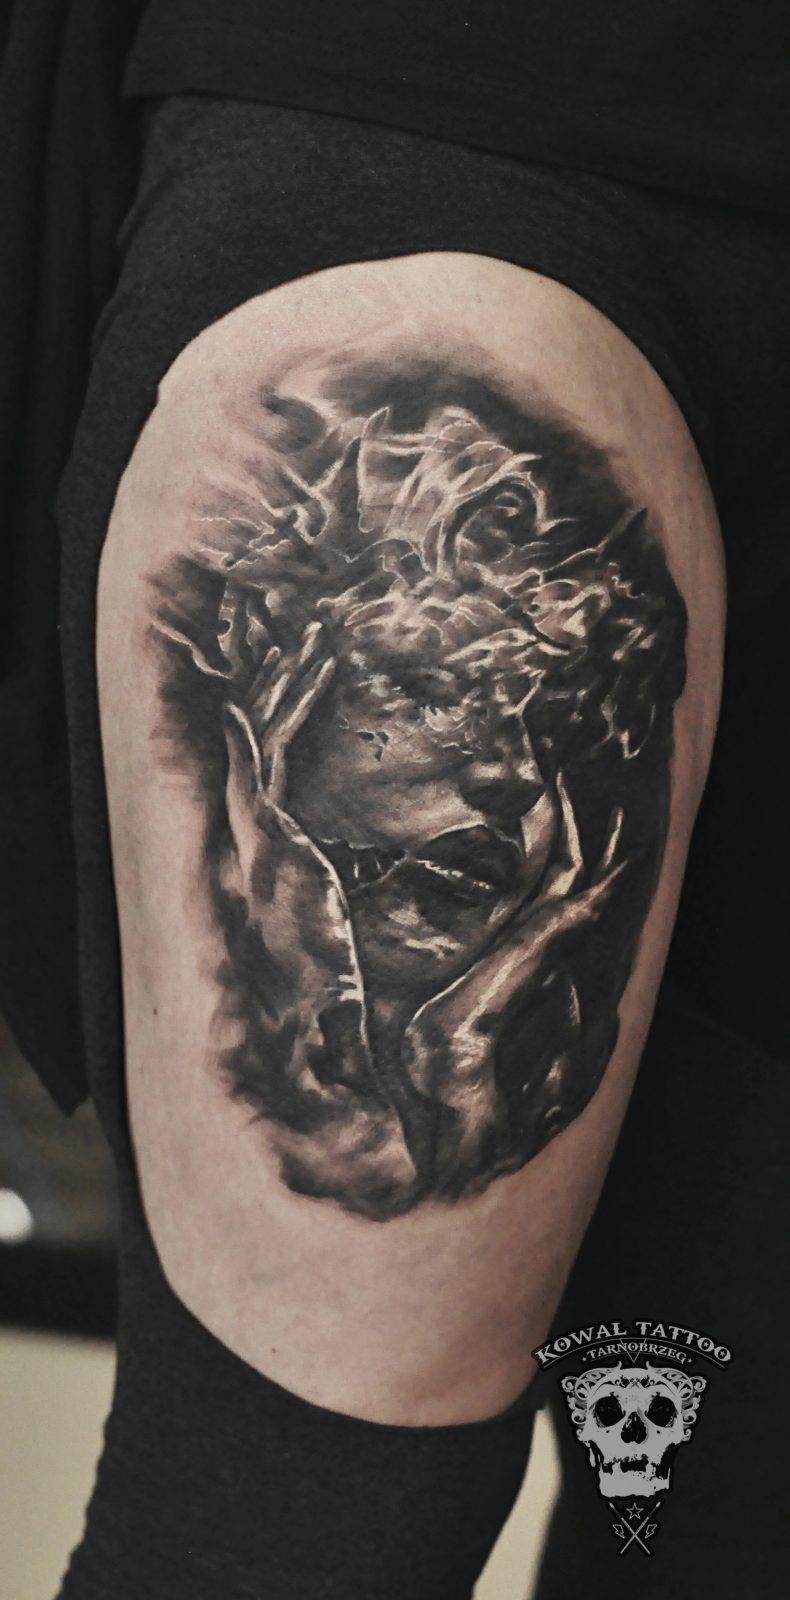 tatuaz_tarnobrzeg_1